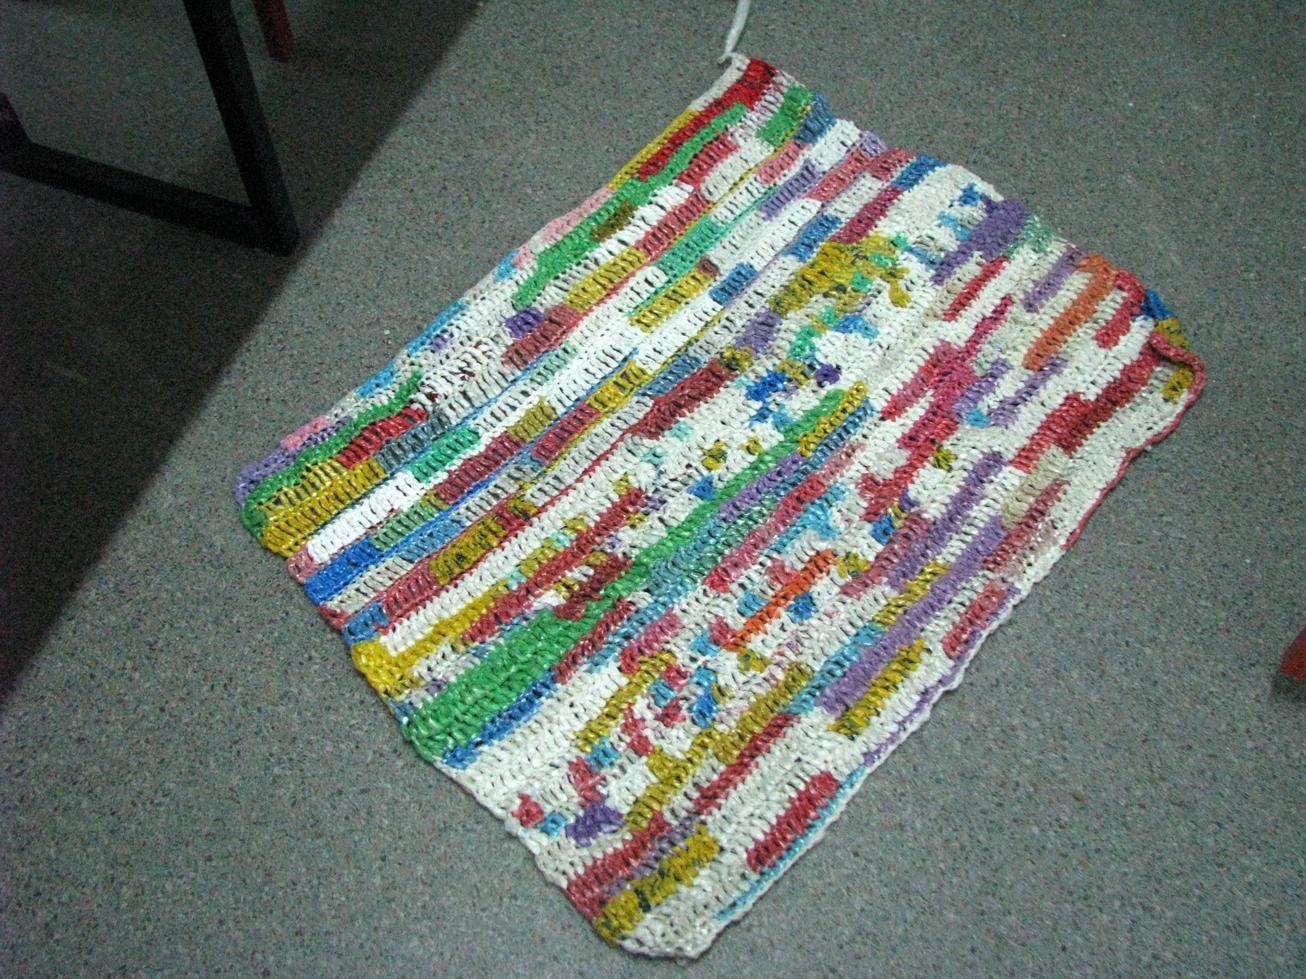 Вязание ковриков из пакетов целлофановых